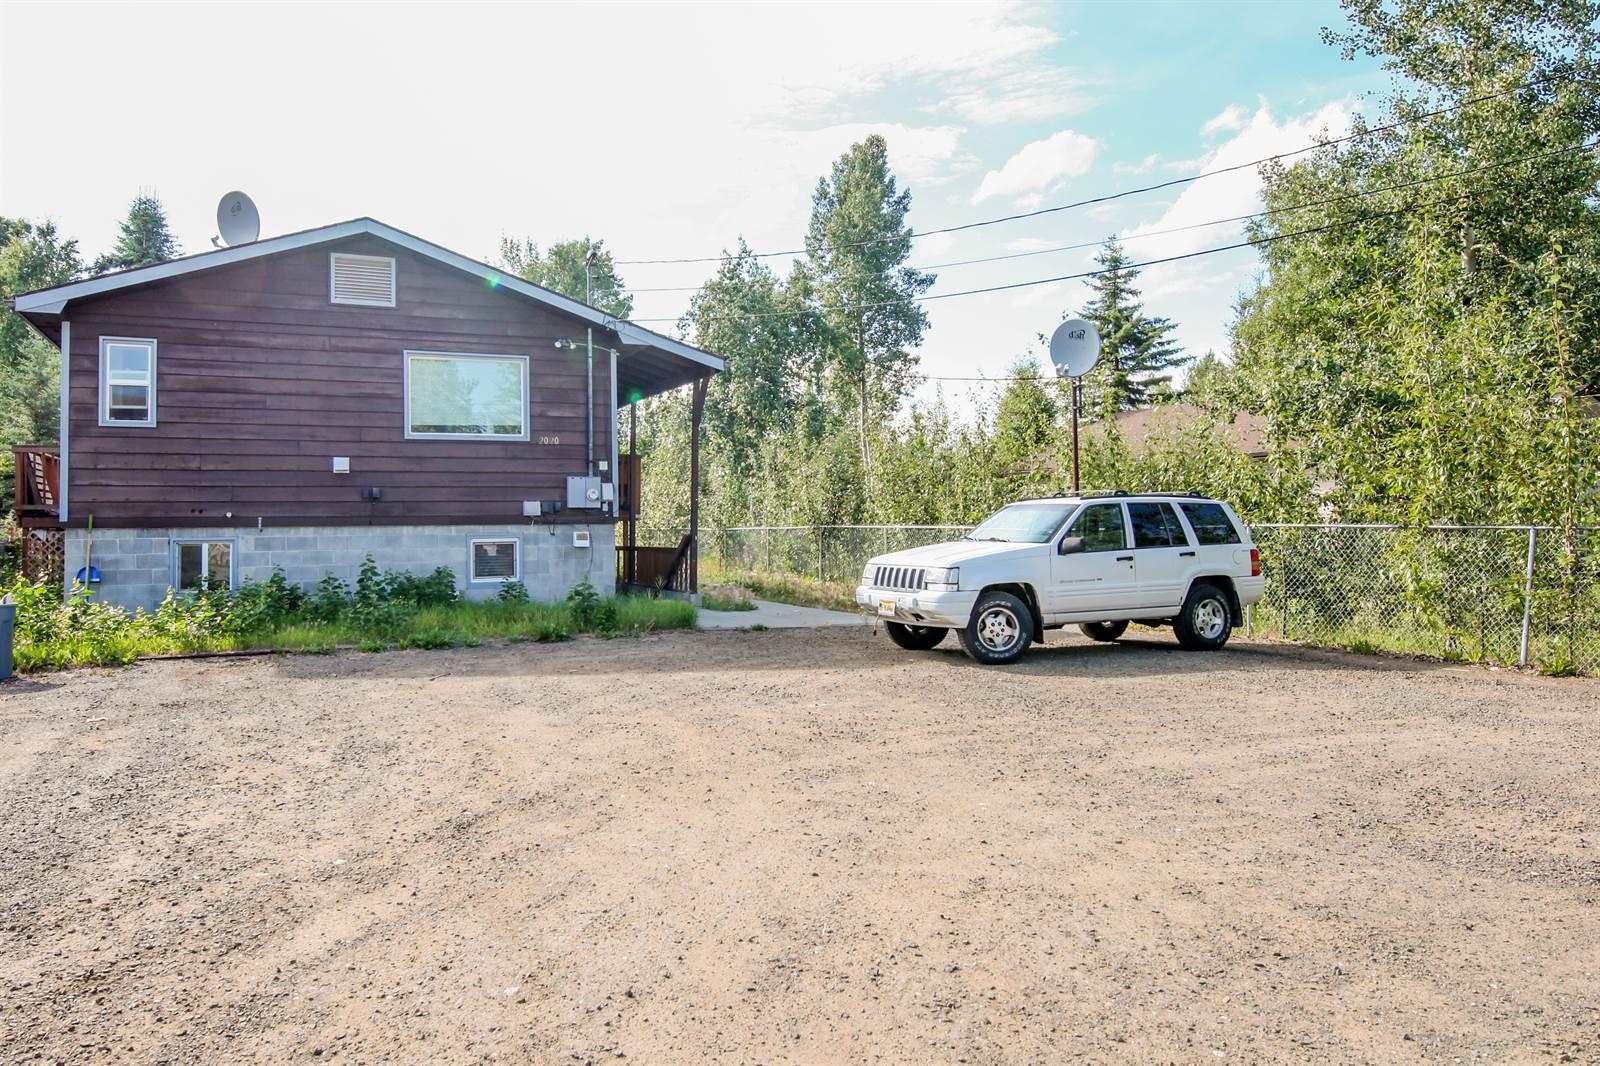 2020 Rickert, Fairbanks, AK 99701